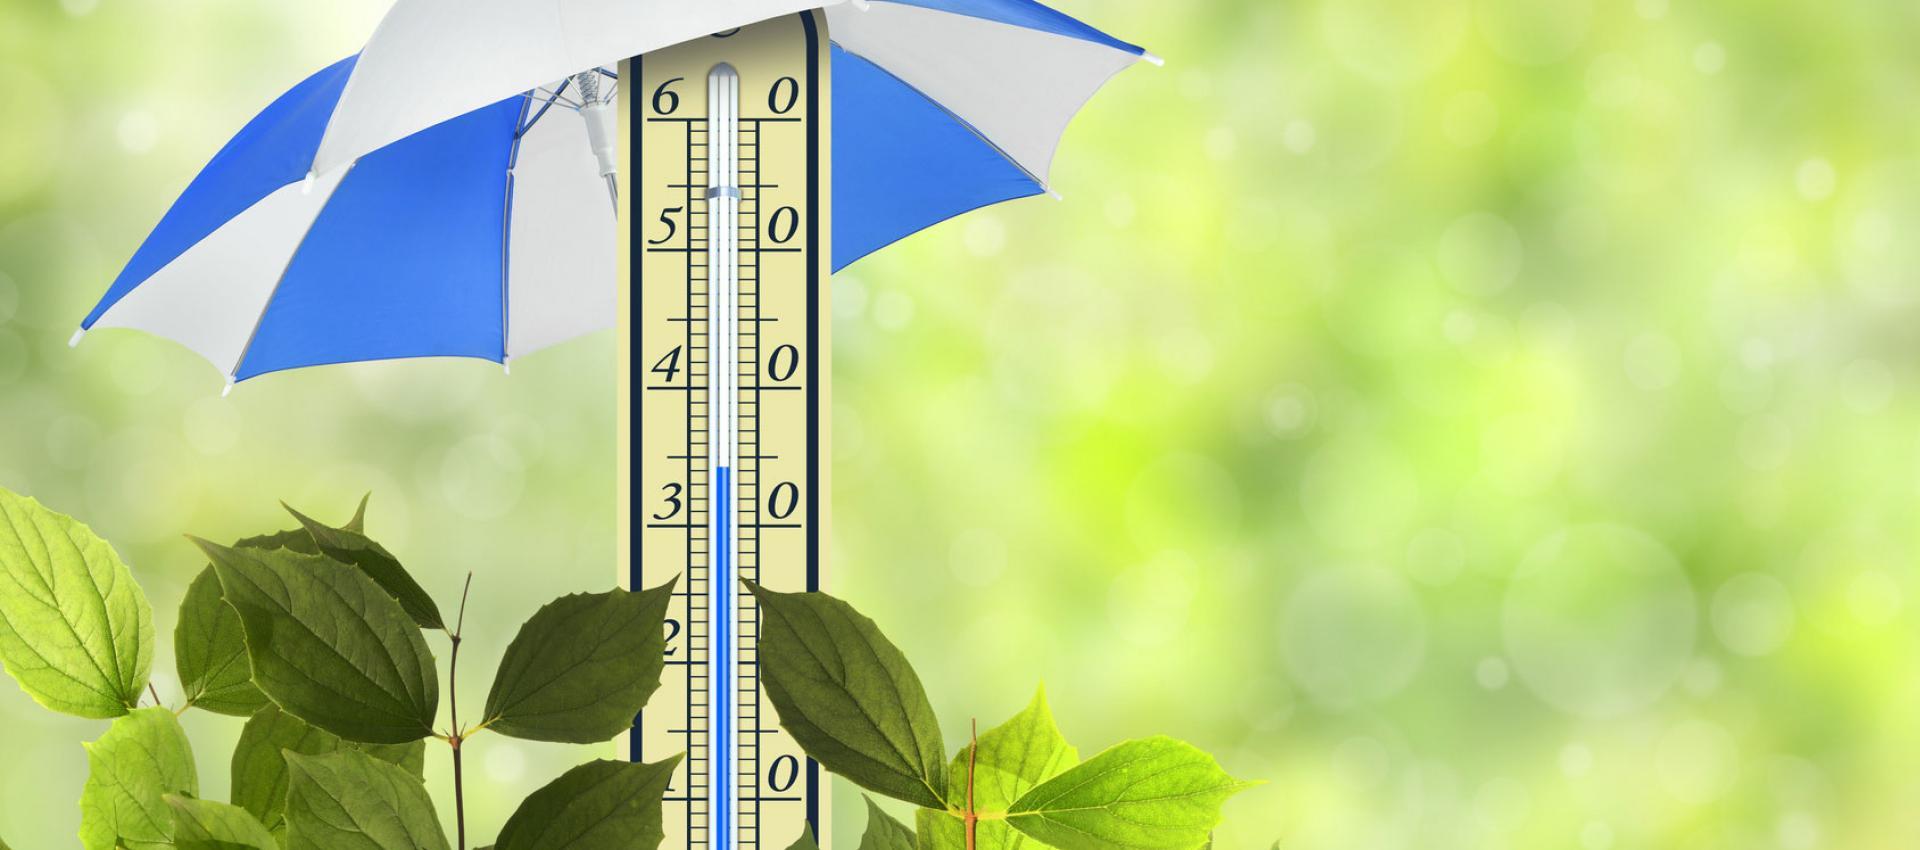 Ablakfóliával csökken a hőmérséklet